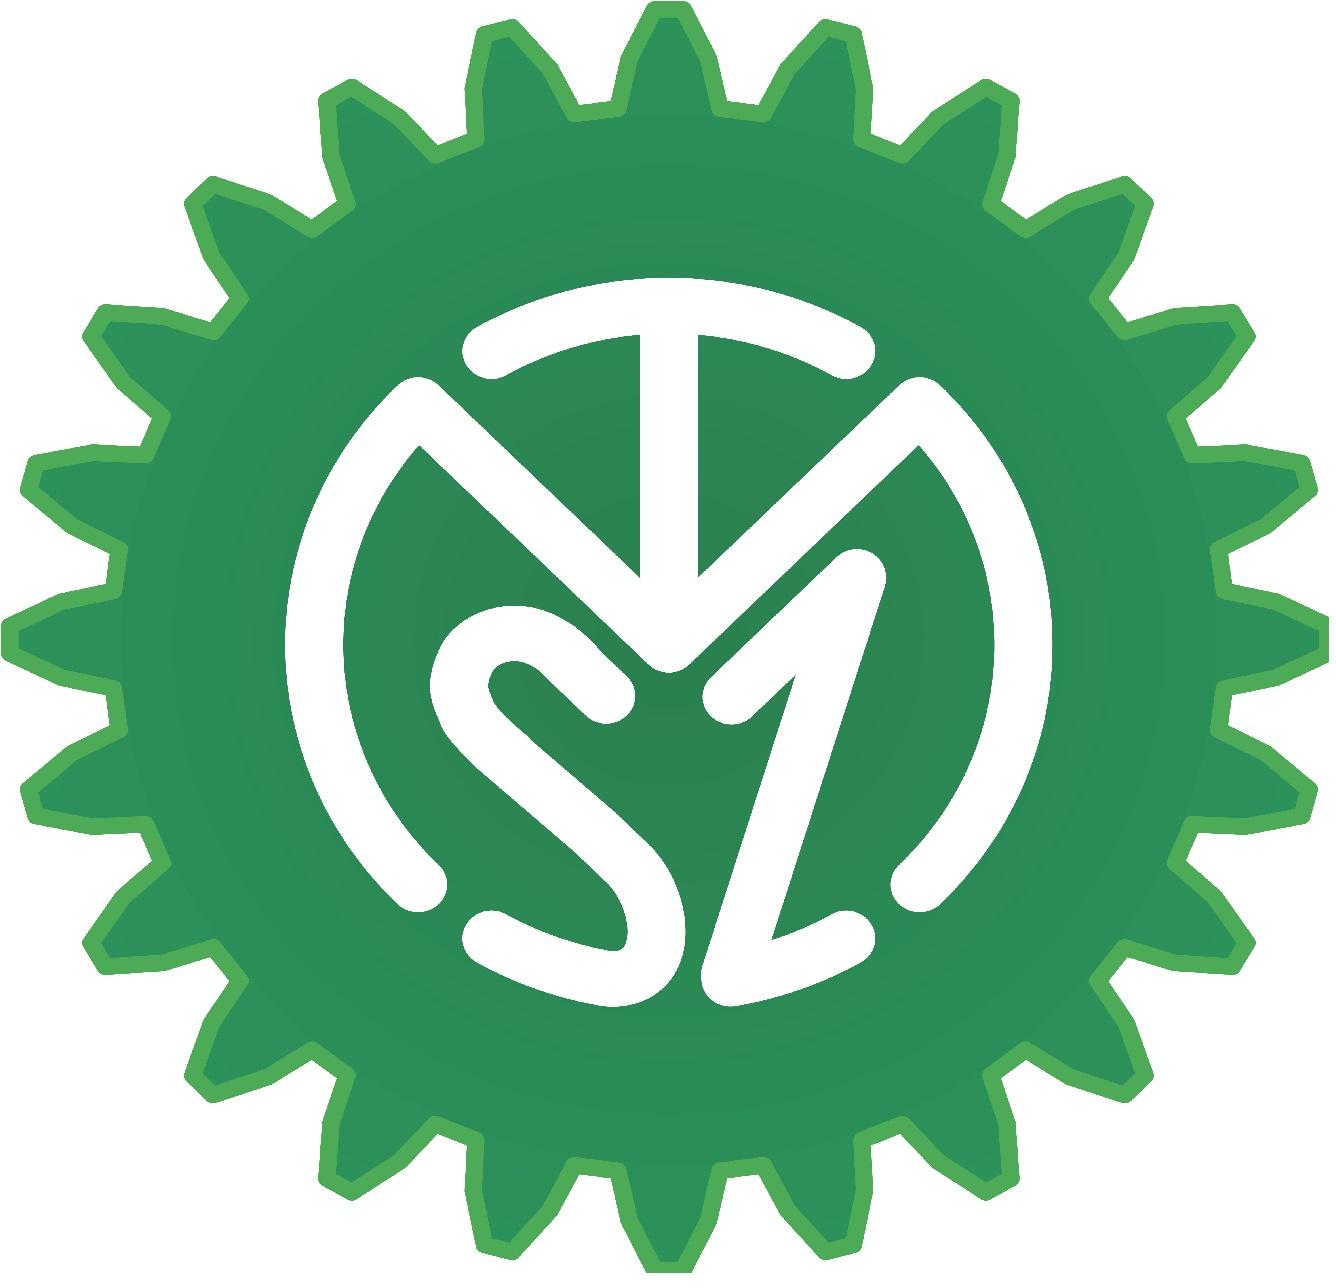 Mérnökök és Technikusok Szabad Szakszervezete - Aszucar parner